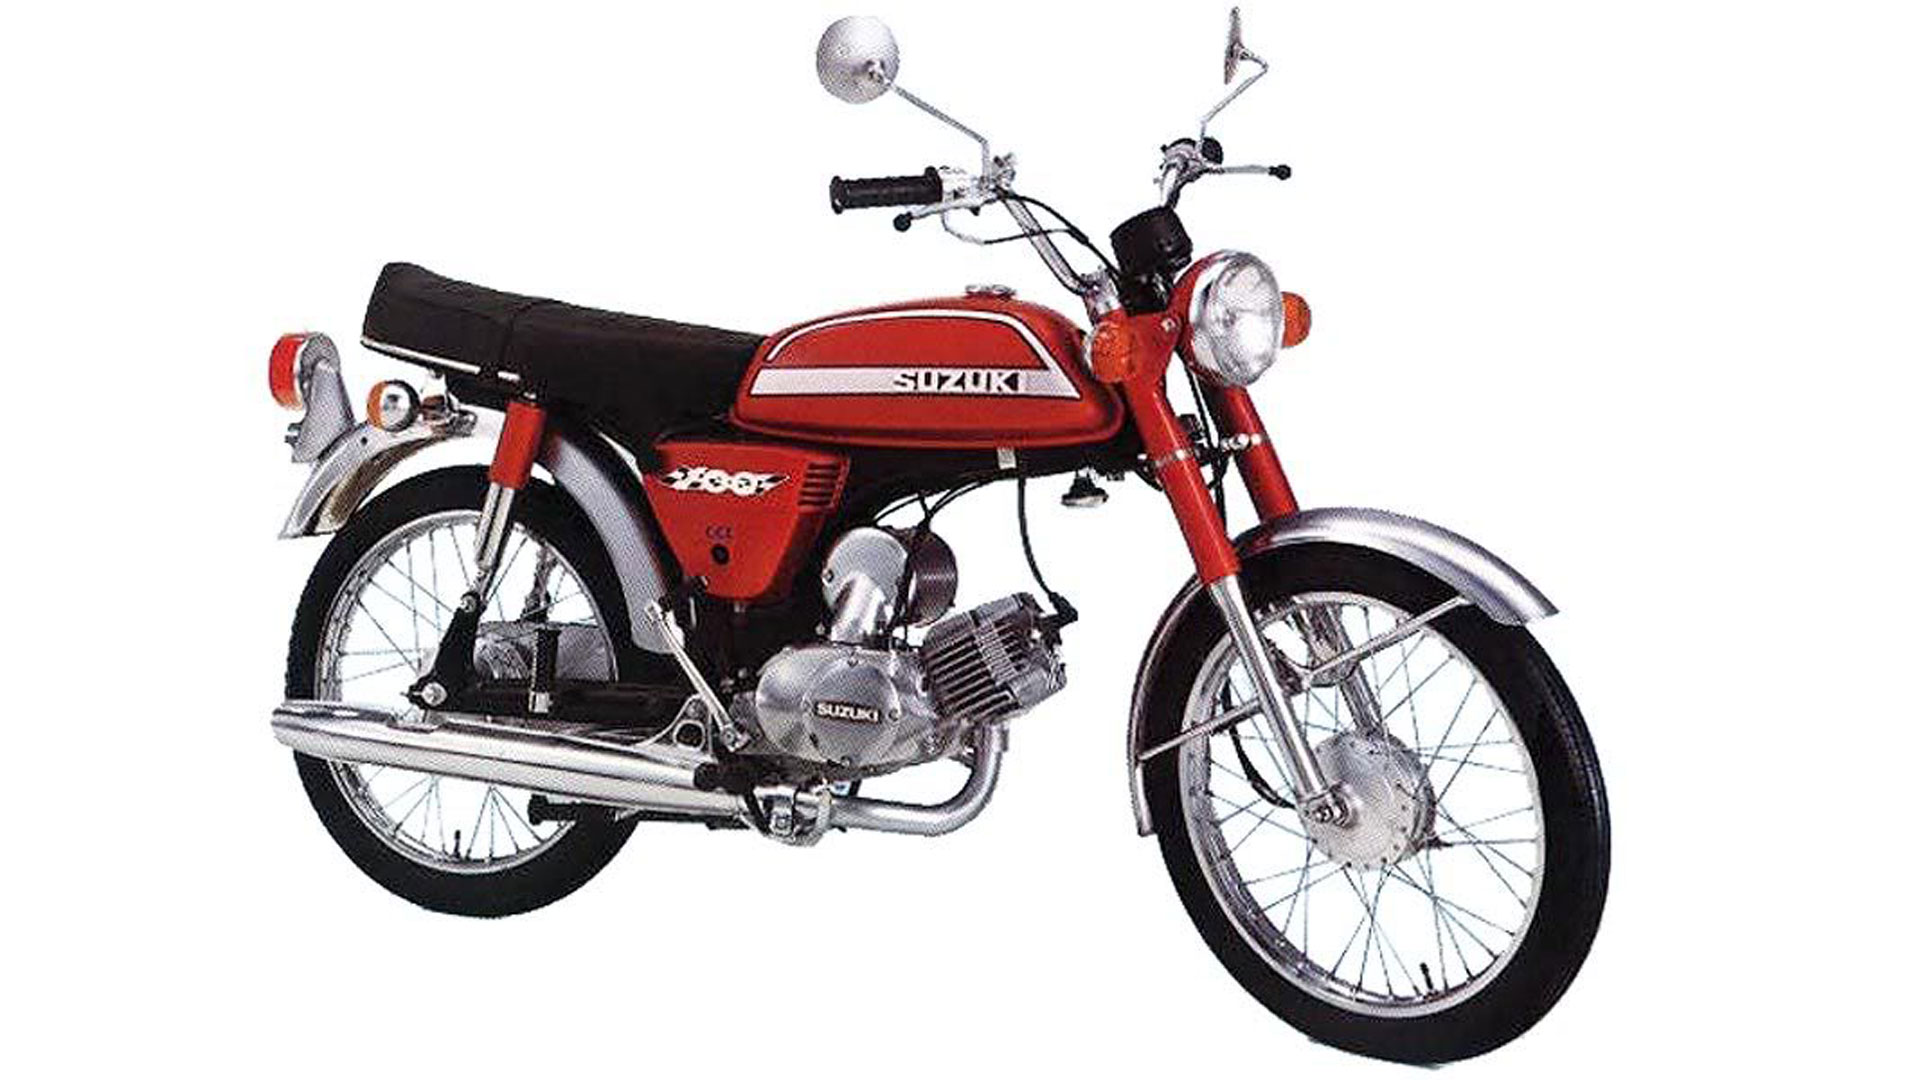 1967 Suzuki A100